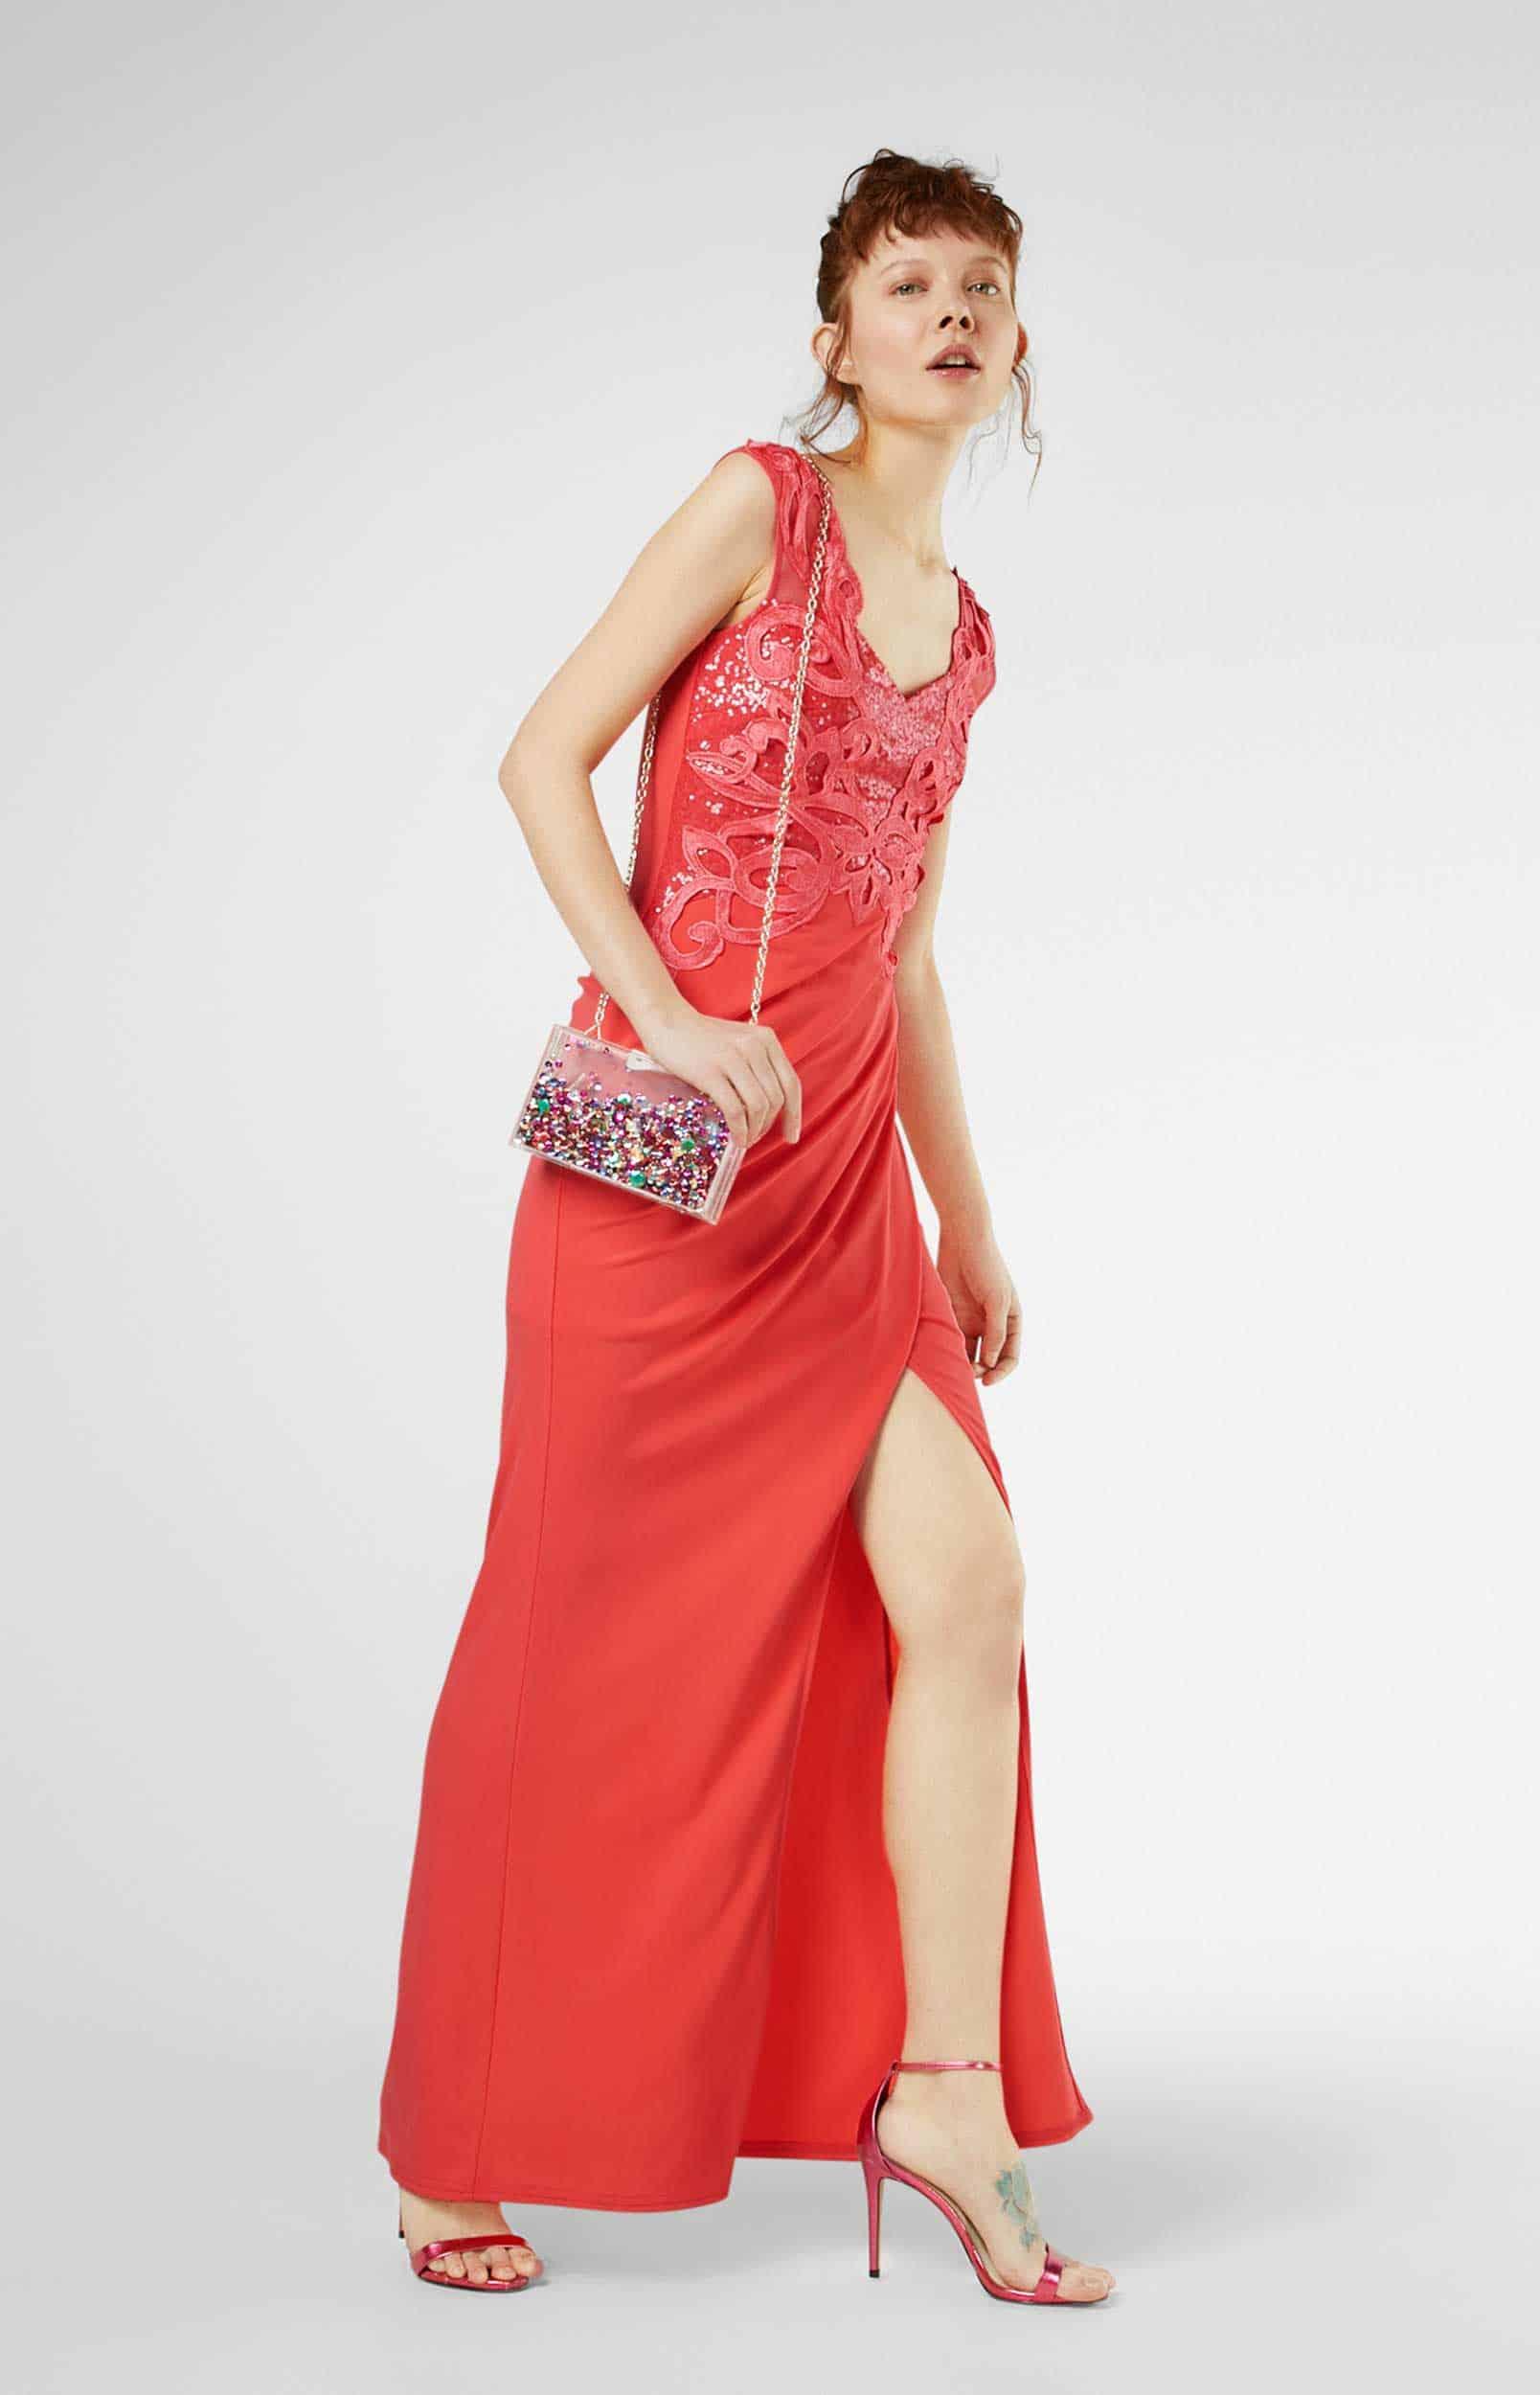 Iznajmljivanje haljina Nis - Coral - Rent A Dress Nis